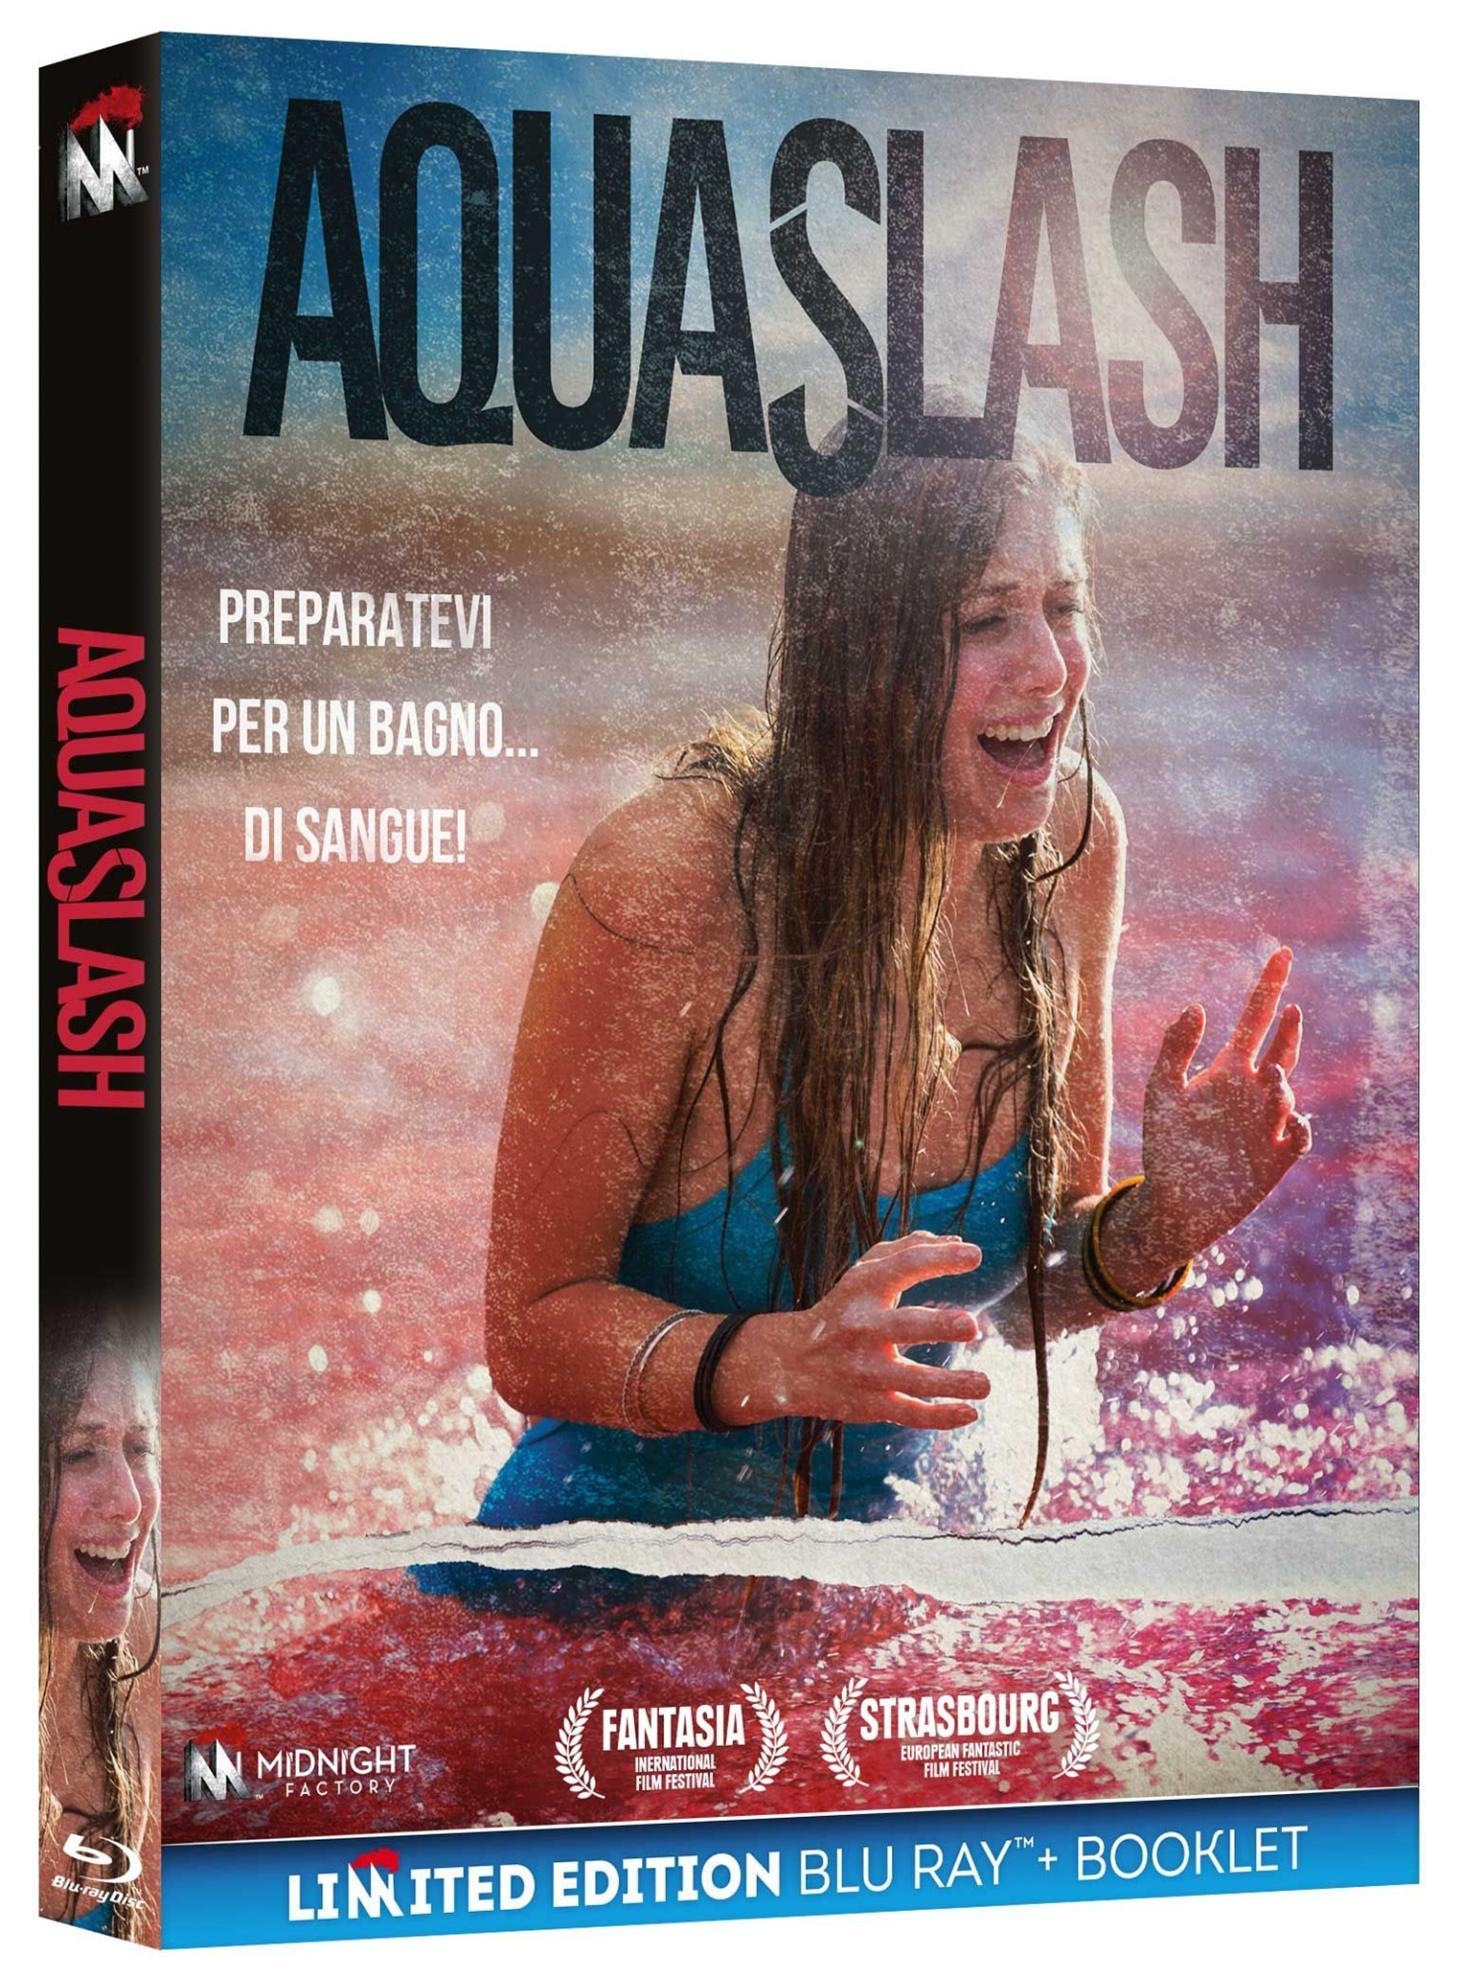 AQUASLASH (BLU-RAY+BOOKLET)